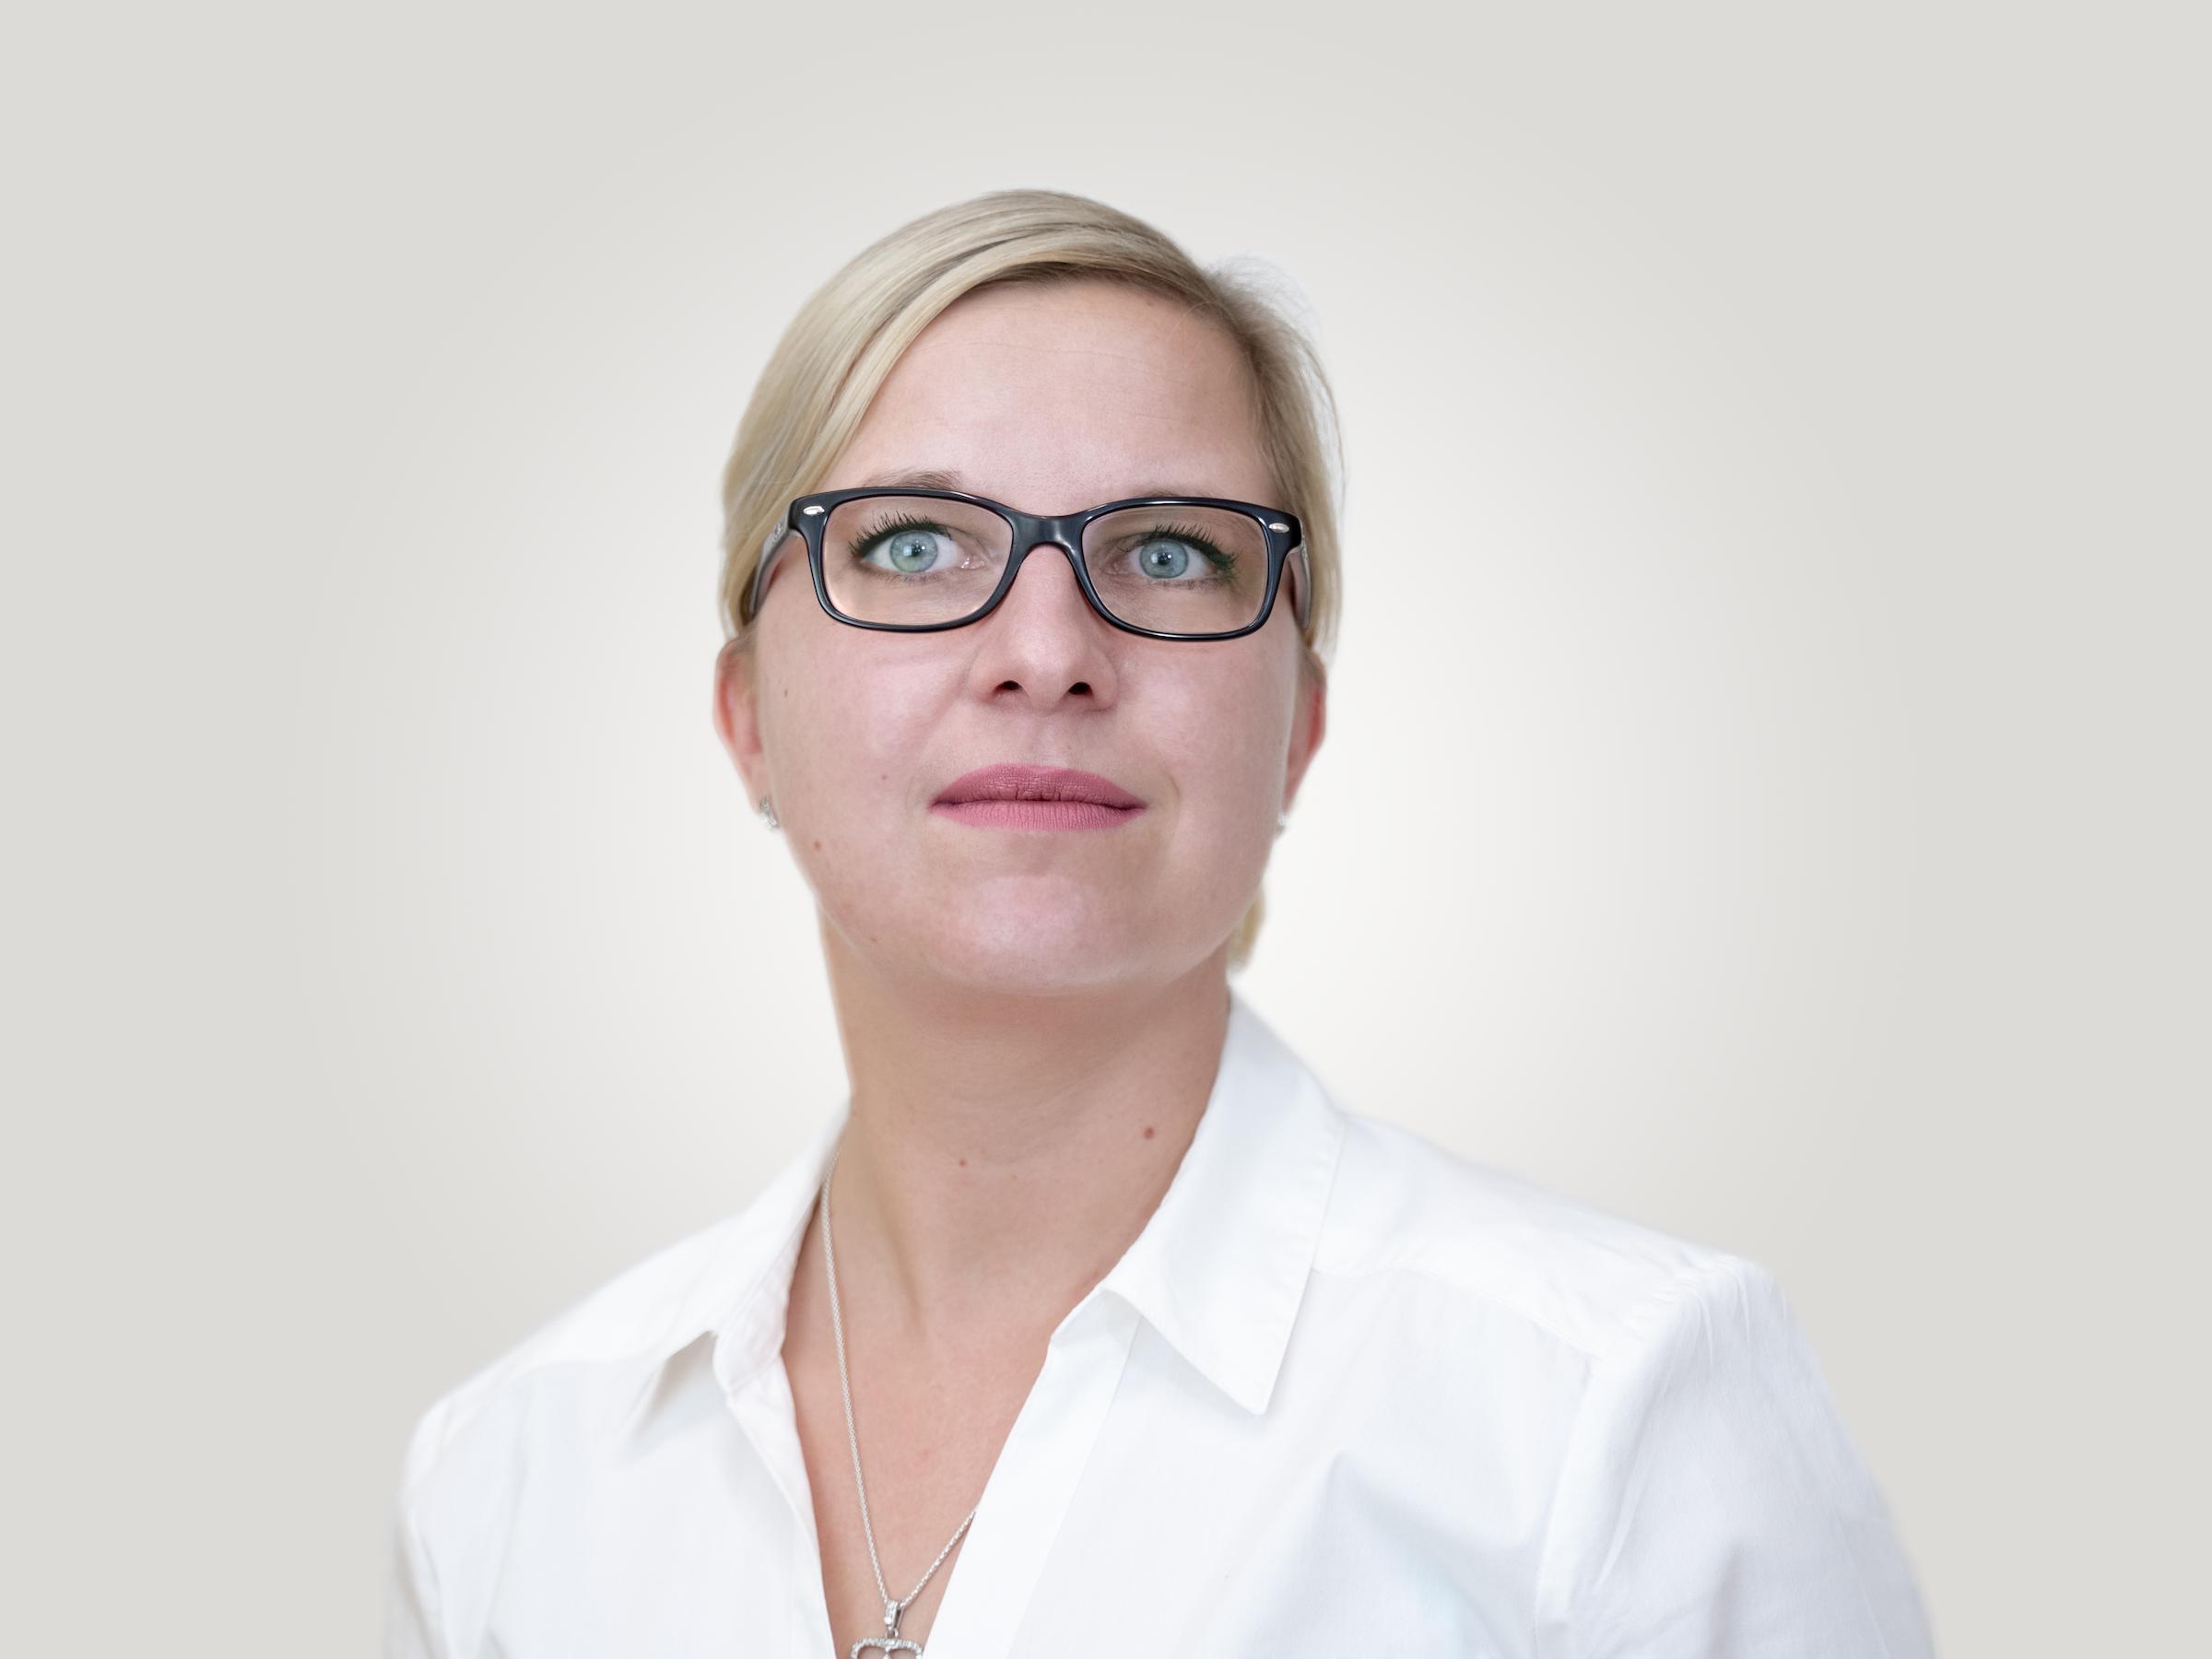 Kamila Brkovic Team MKG PLUS Fachzahnarzt Zentrum Münster